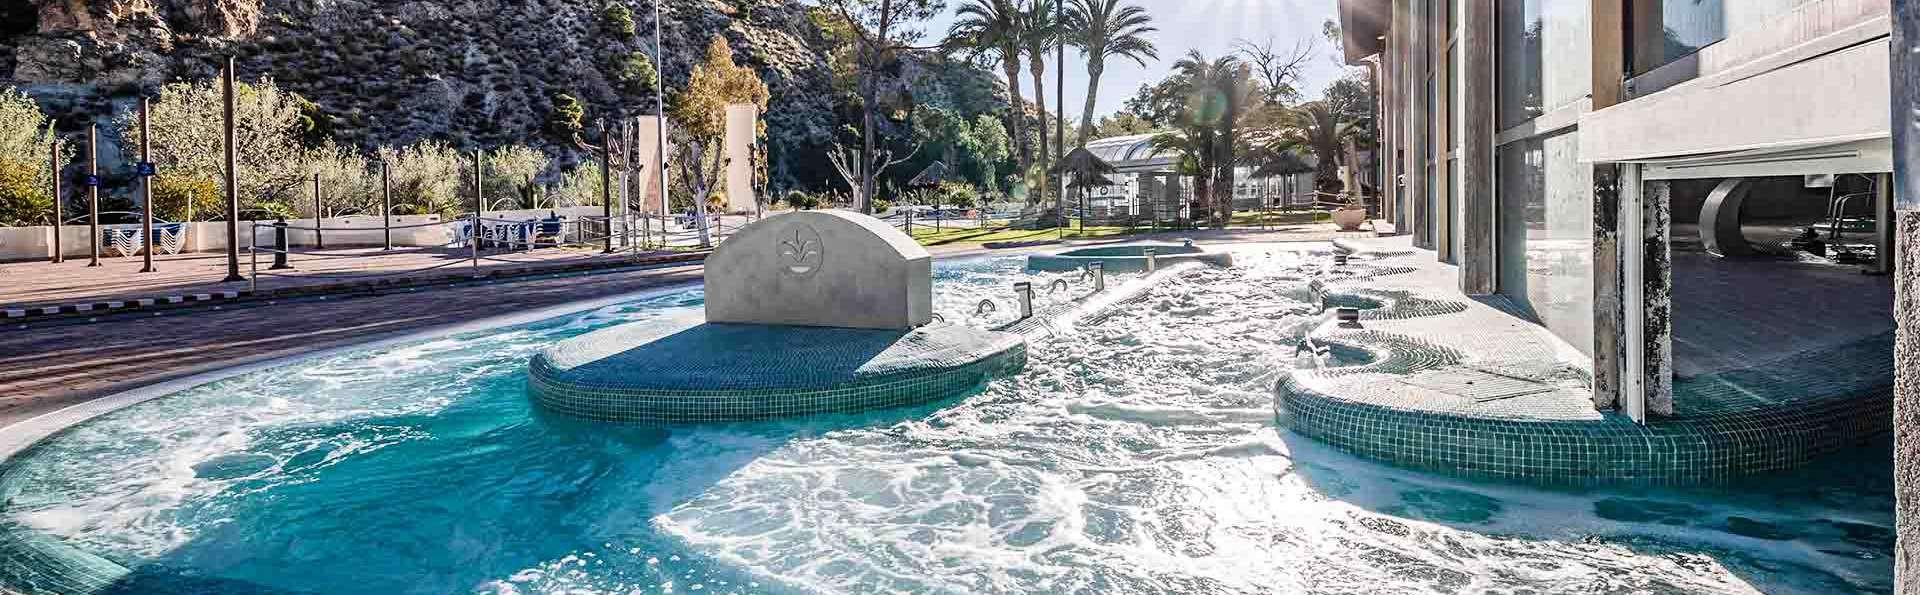 Balneario de Archena - Hotel León - EDIT_Spa_Piscinas_Termales_04.jpg